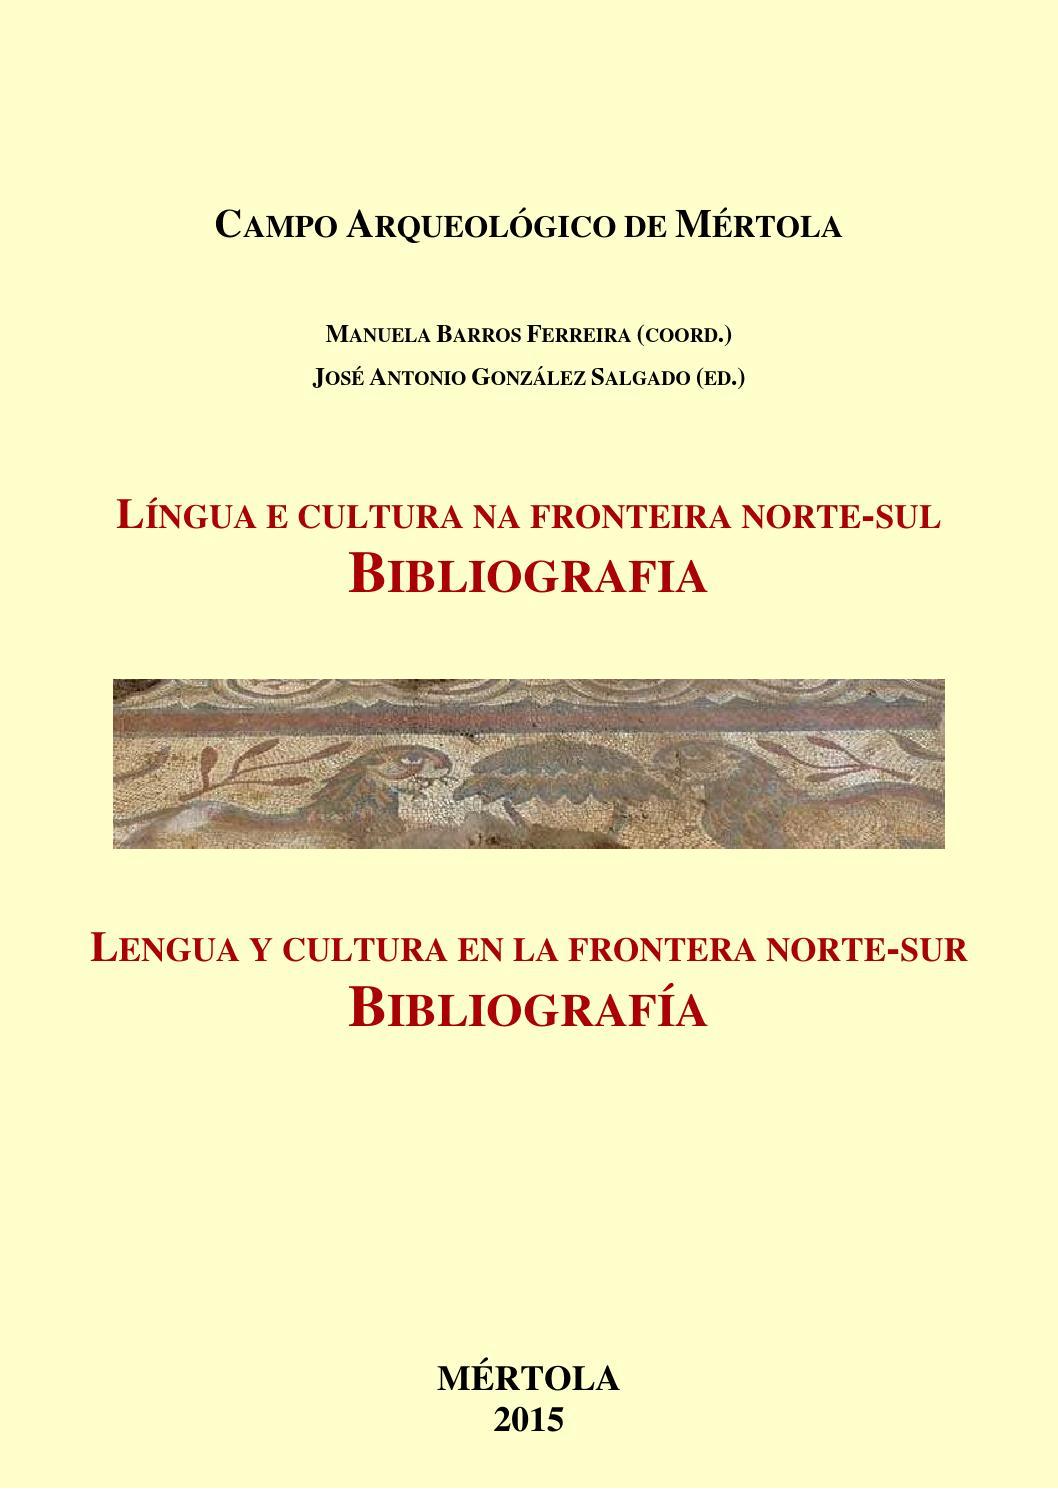 84e7c94f2 Língua e Cultura na fronteira Norte-Sul - Bibliografia by Campo  Arqueológico Mértola - issuu